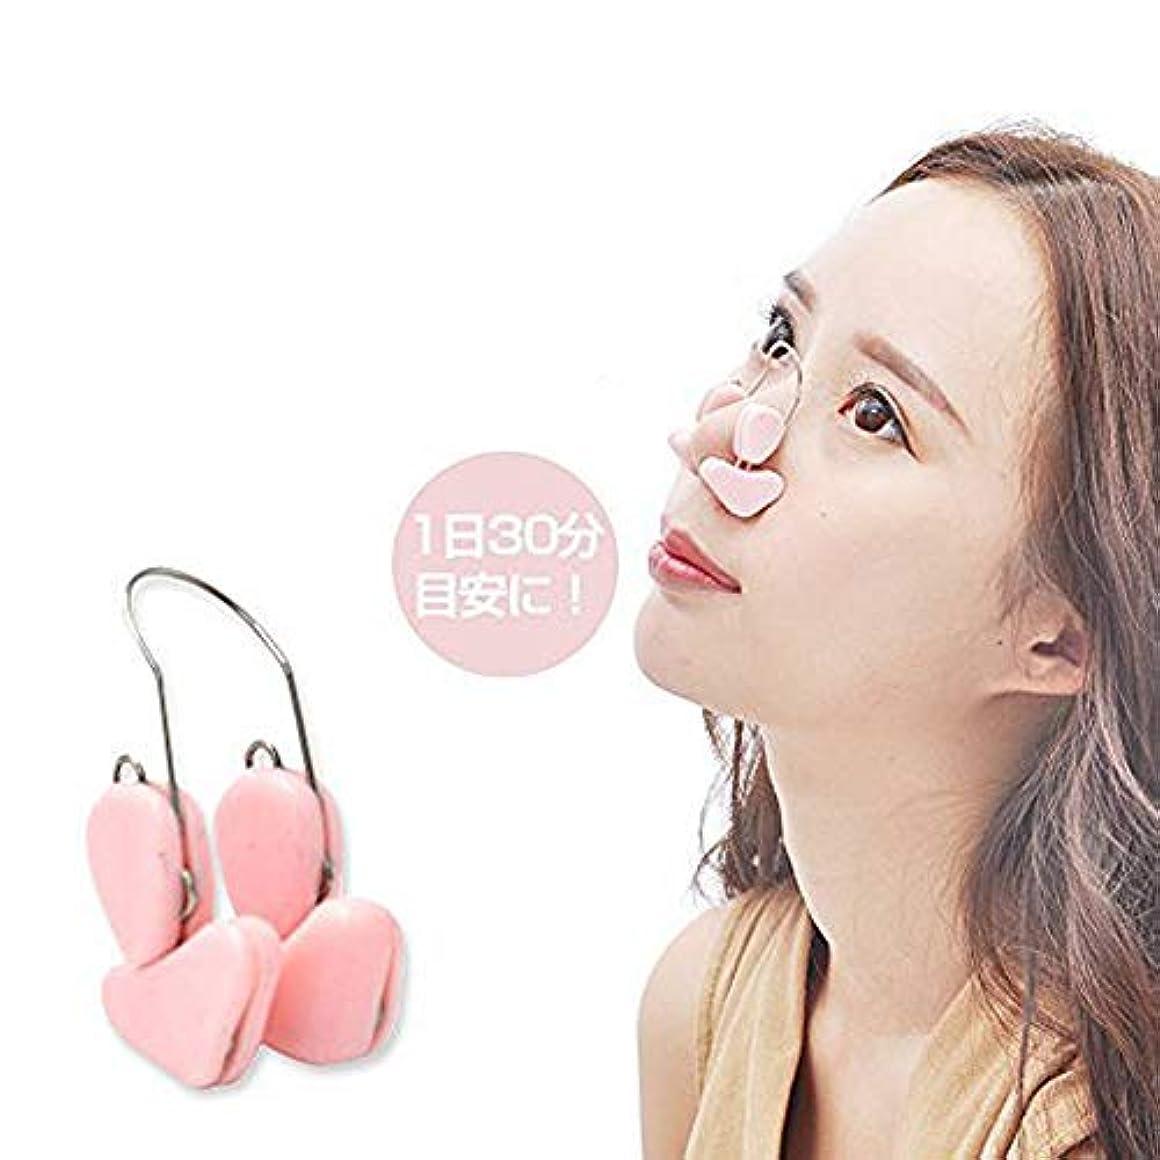 ノーズクリップ 鼻 高く 鼻矯正 鼻プチ ノーズピン 矯正 鼻を高くする 鼻筋セレブ ノーズパッド シンクロ だんご鼻